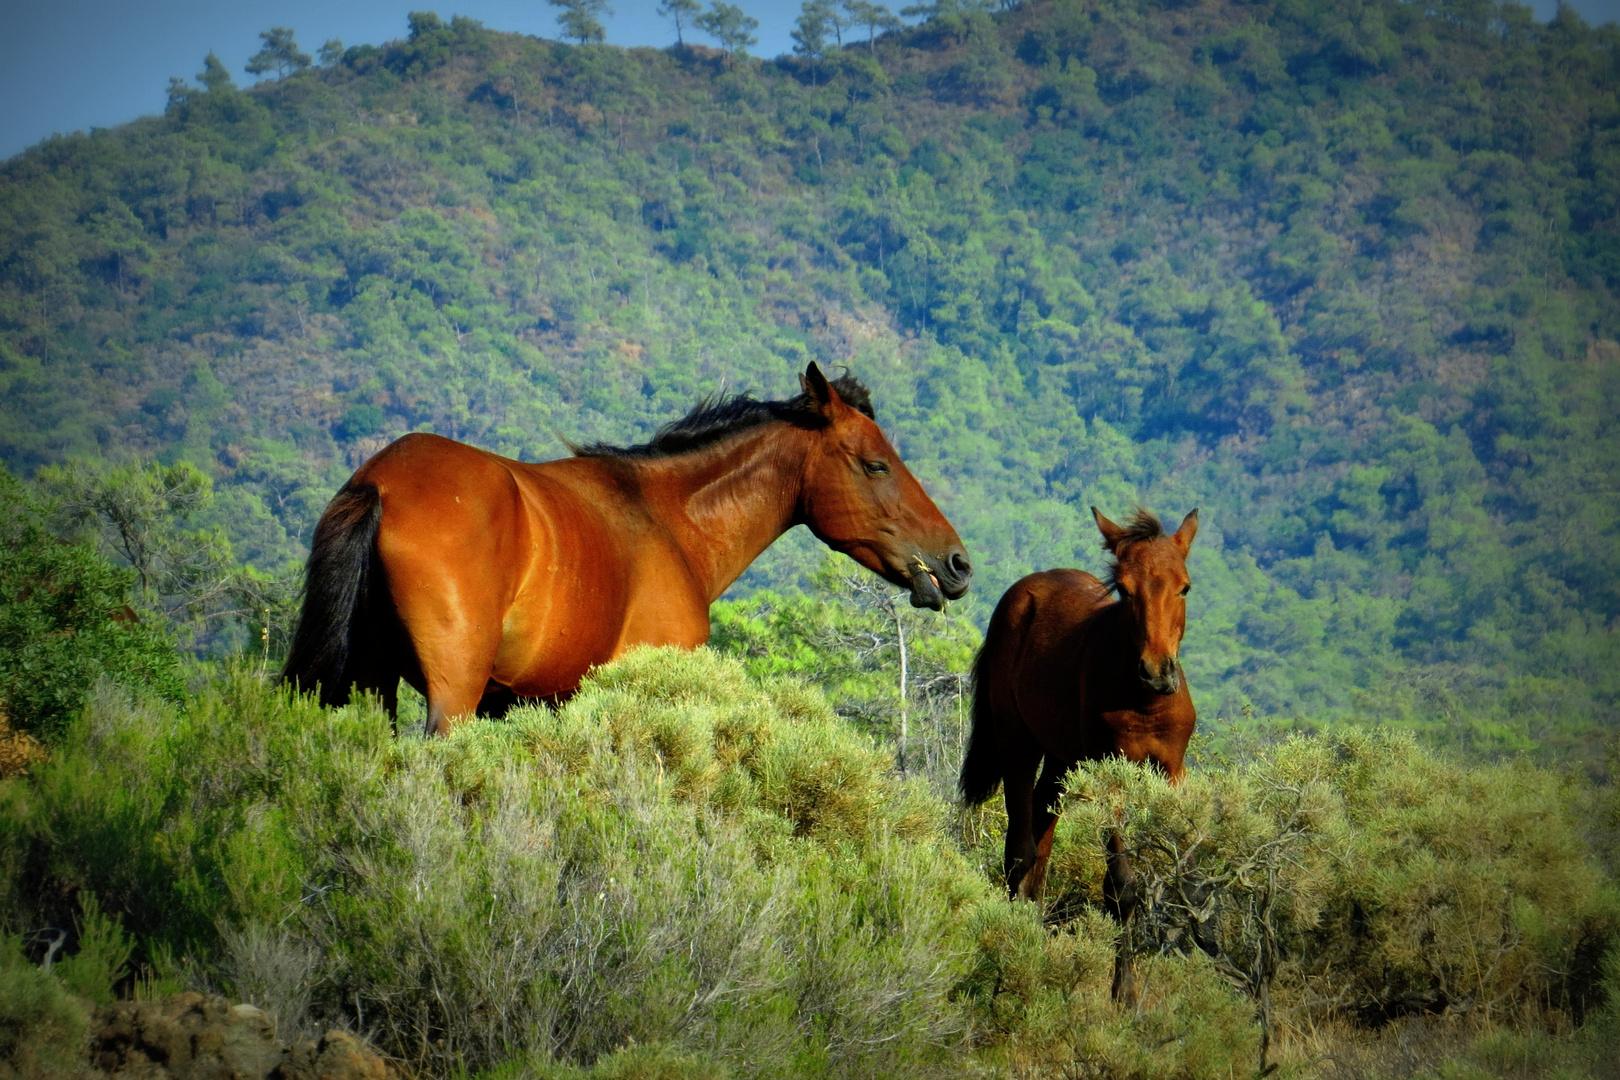 WildPferde oder wilde Pferde?